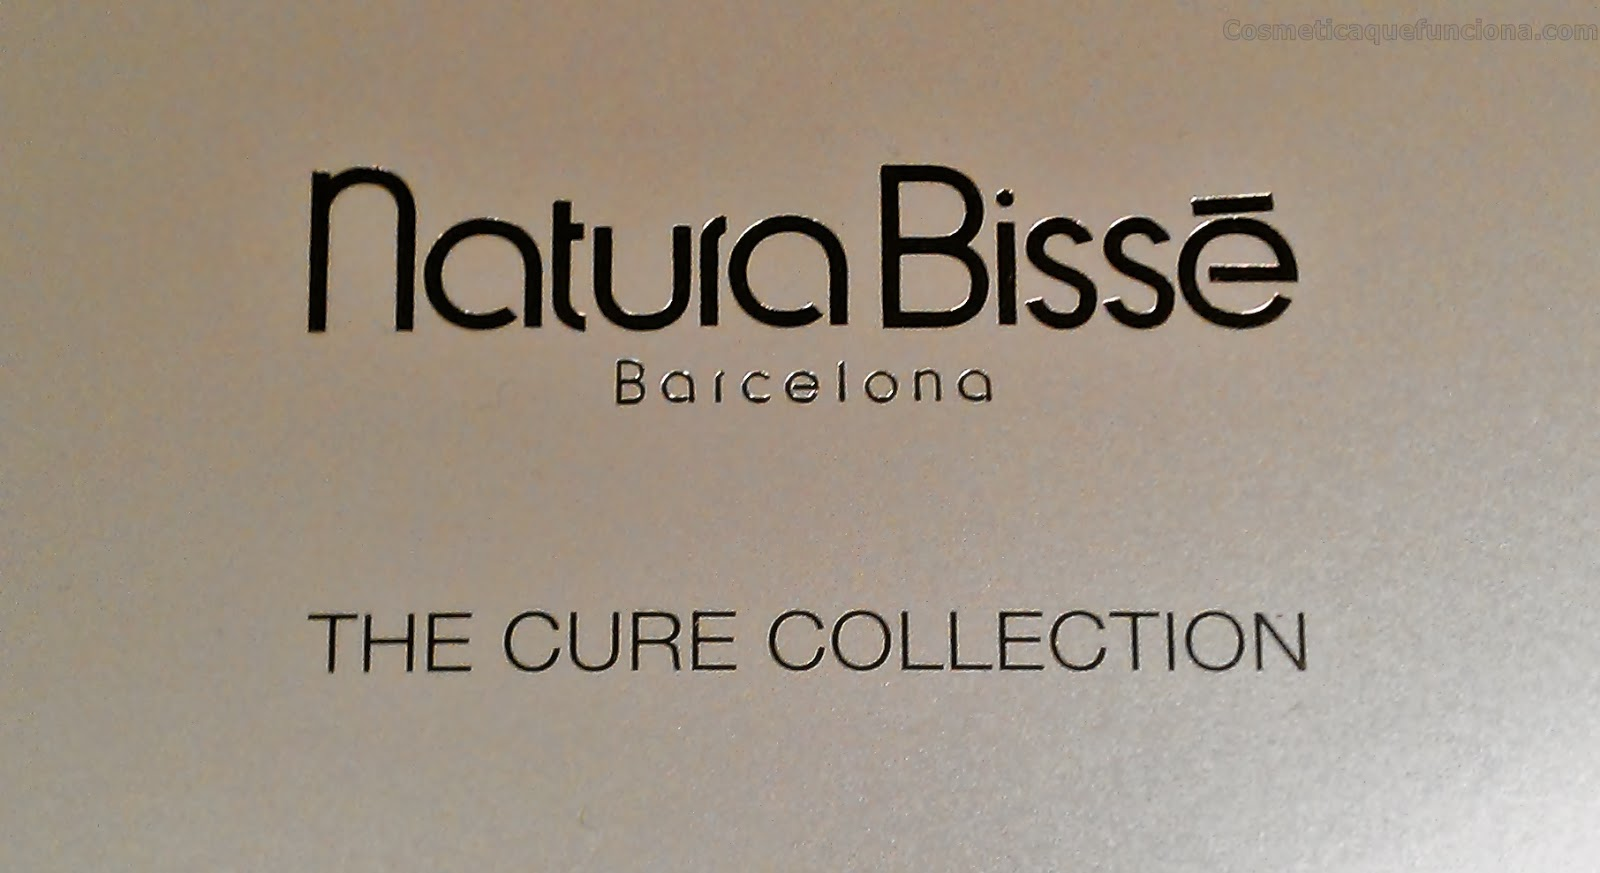 Carboxiterapia de Natura Bissé. Uno de los tratamientos favoritos de las celebrities ¡Y ahora MIO! - Blog de Belleza Cosmetica que Si Funciona